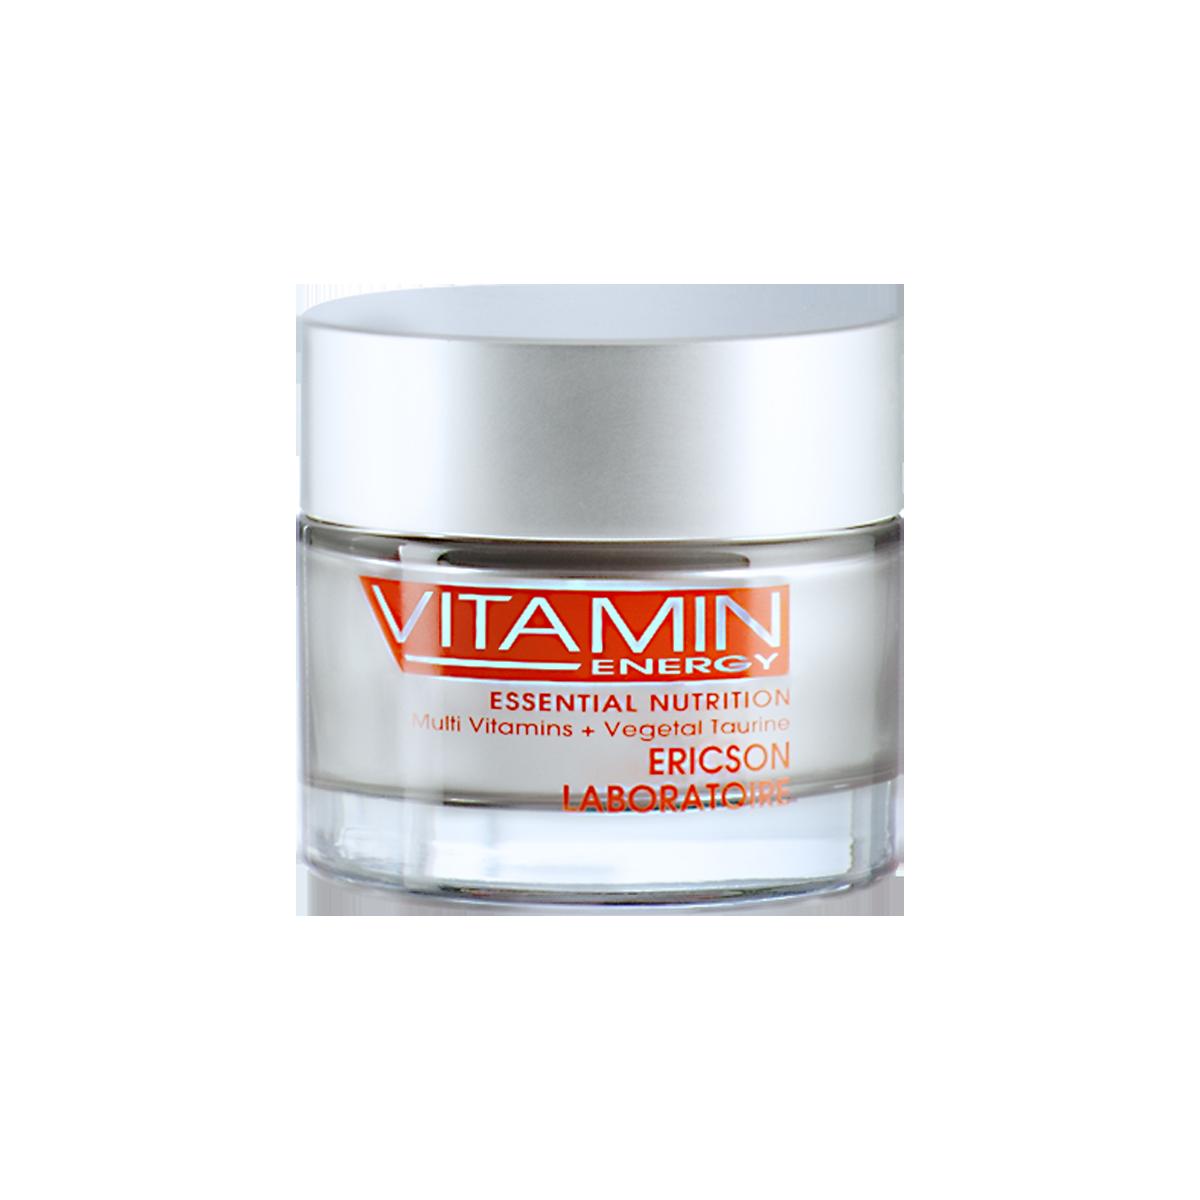 VITAMIN E1864 Essential Nutrition Cream